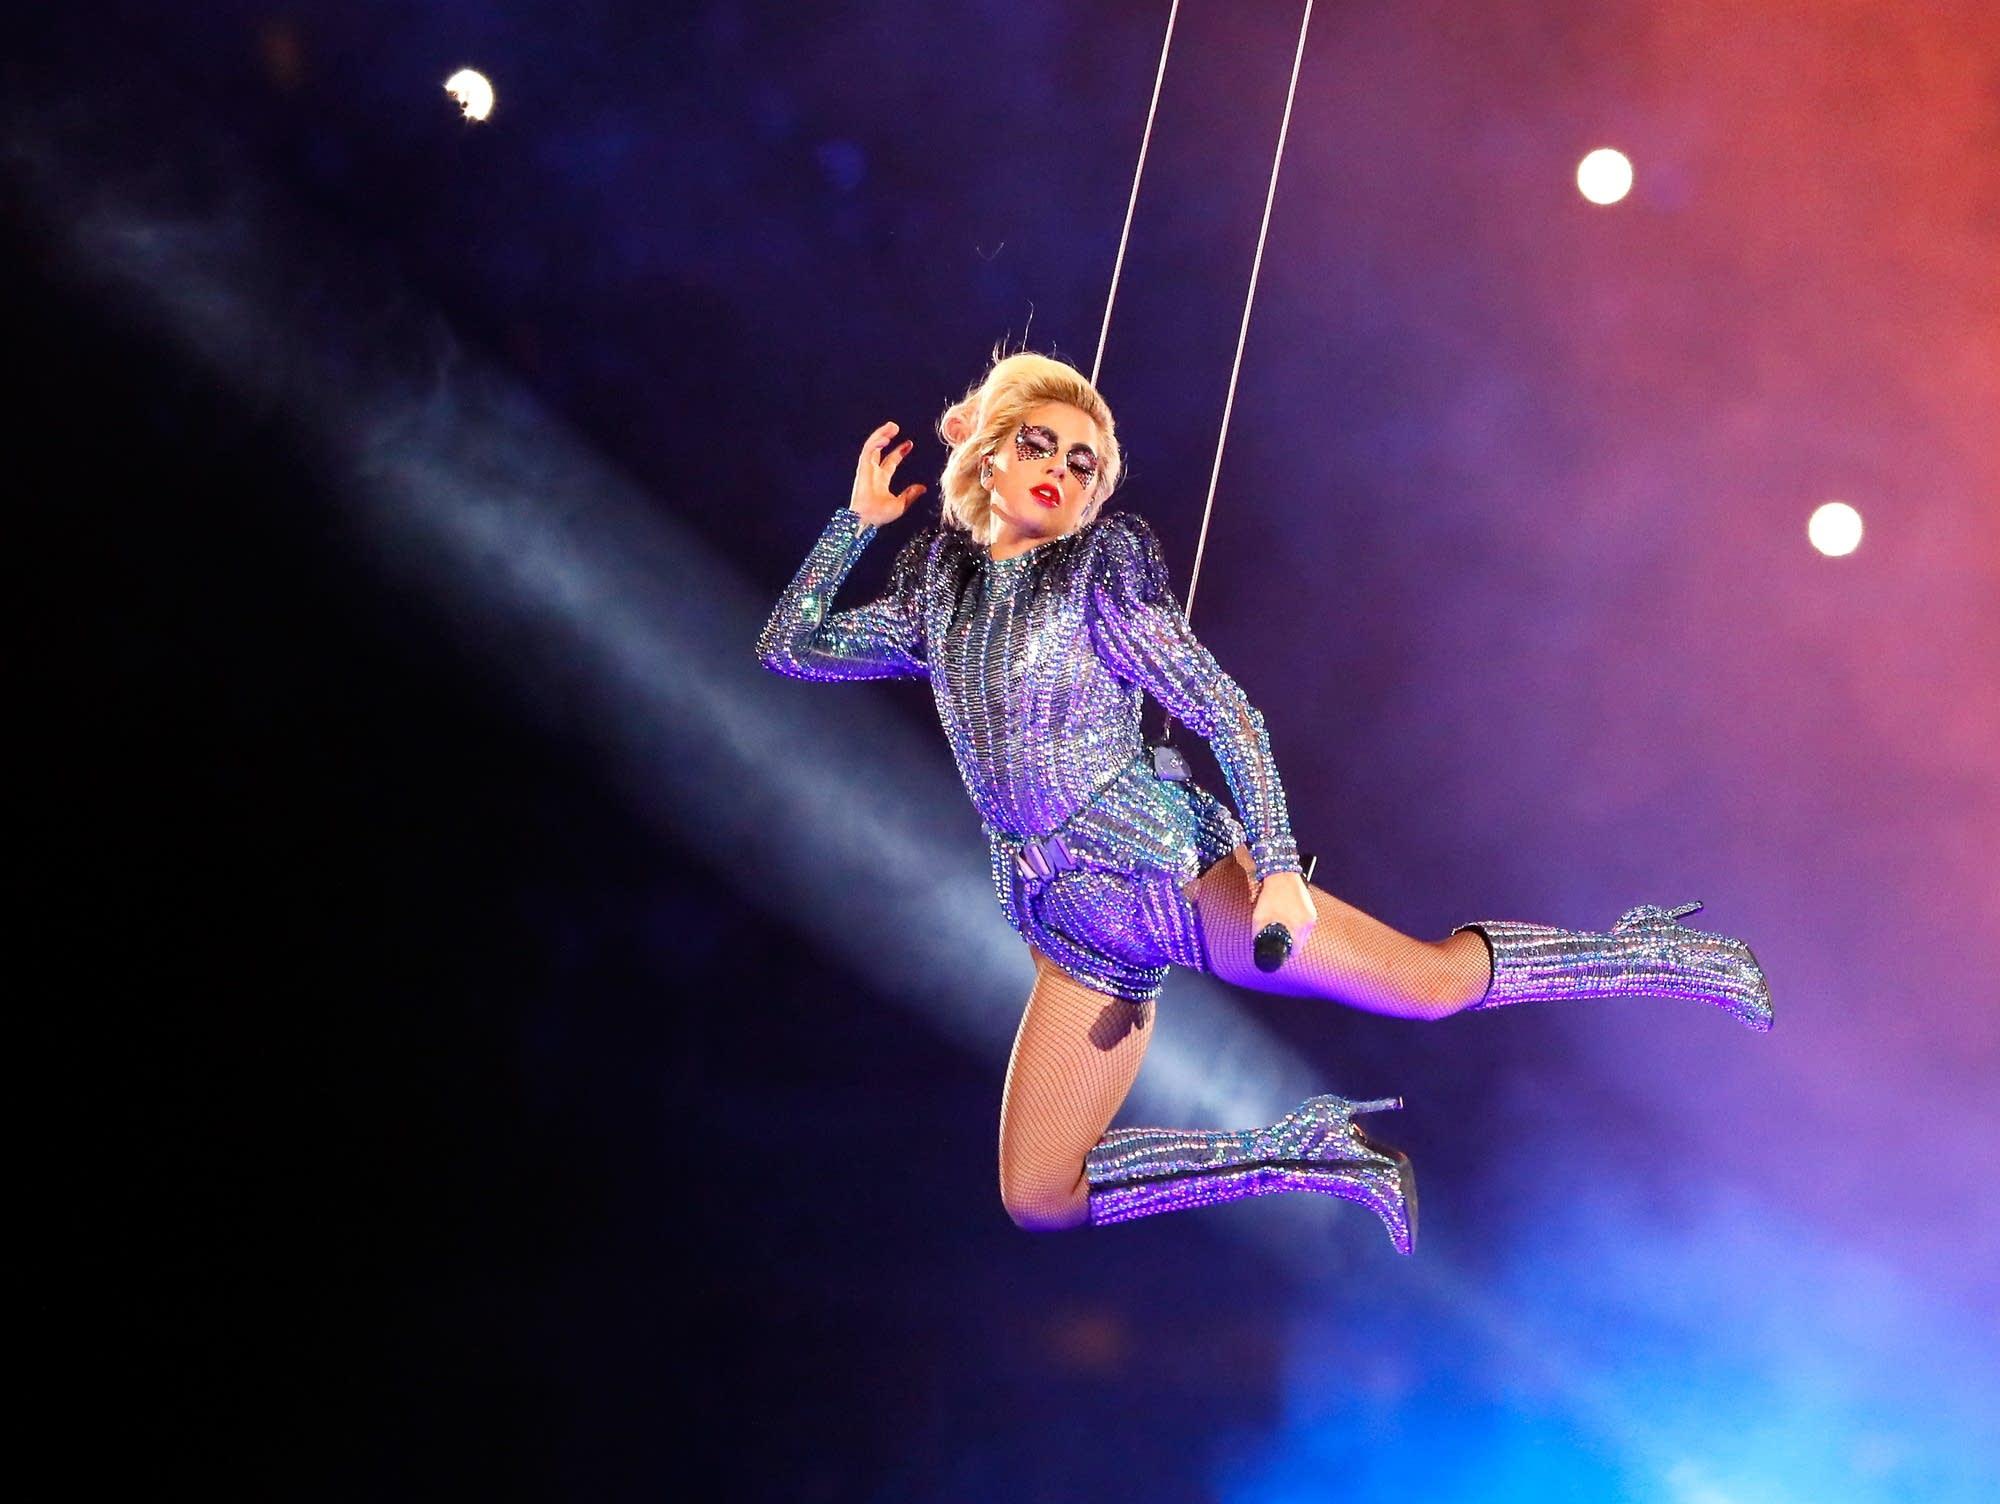 Lady Gaga performs at Super Bowl LI